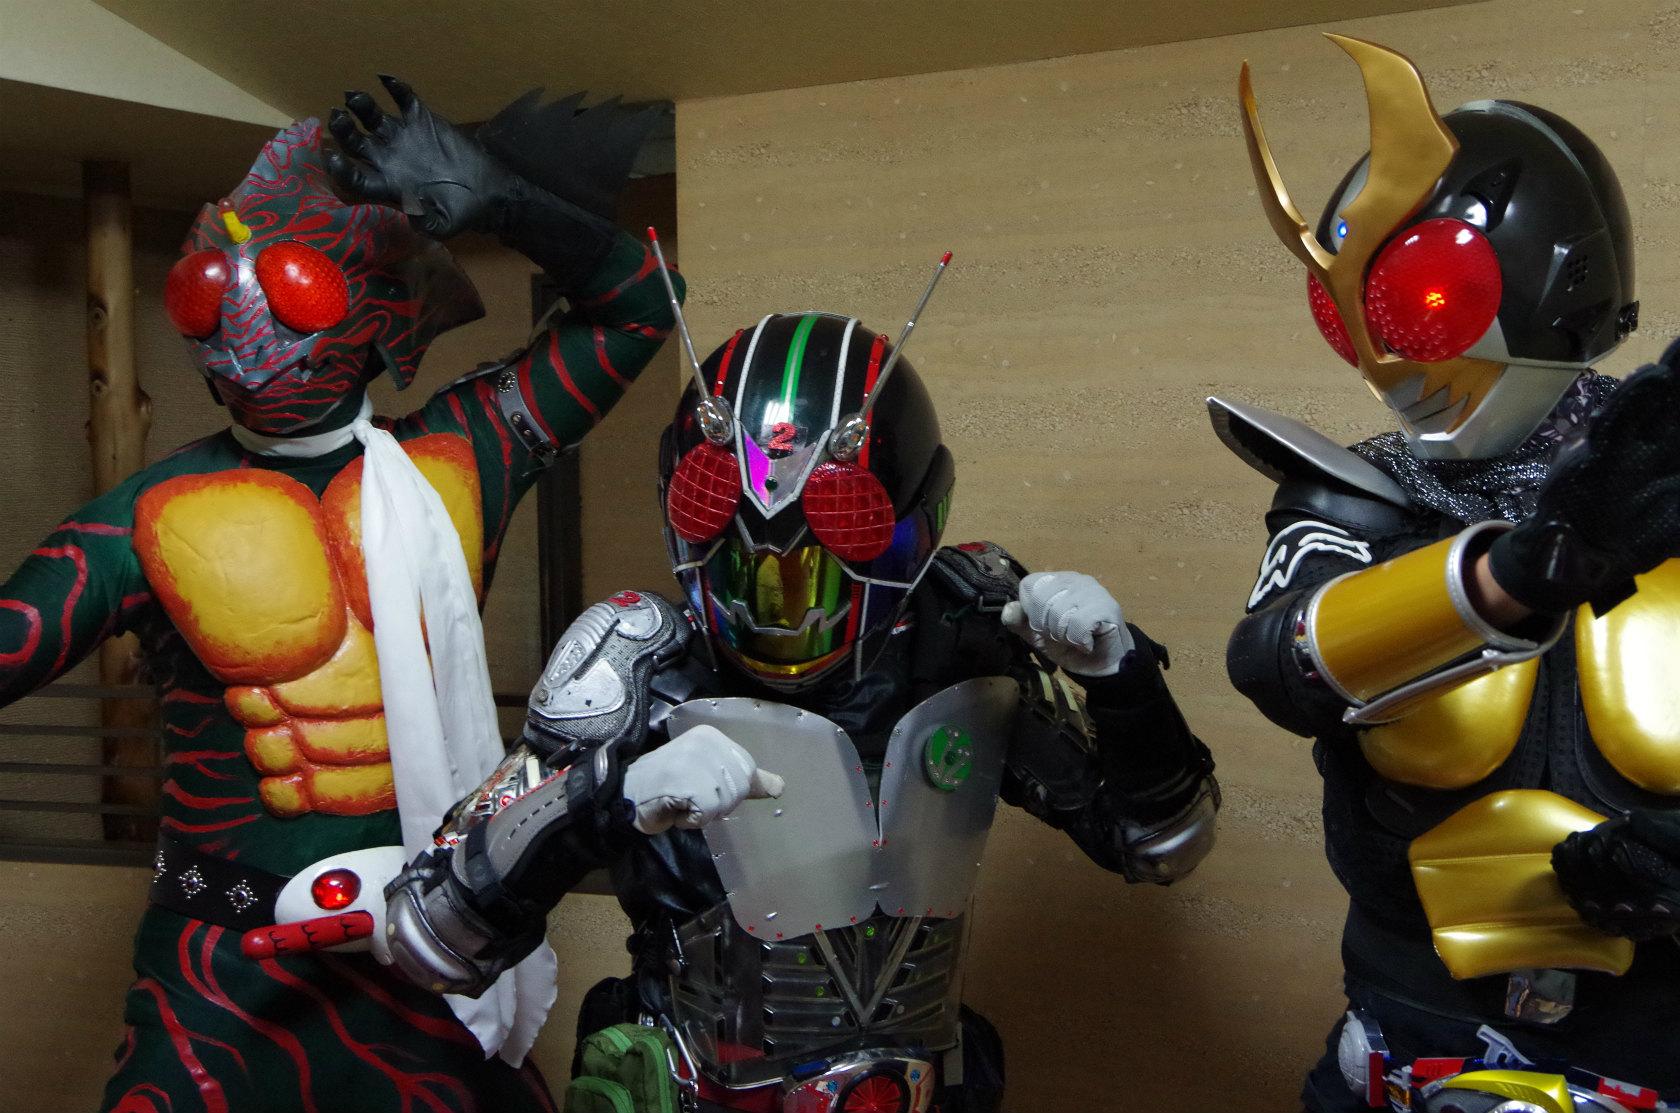 新潟の仮面ライダーが大集結!?佐上商会で開催された新潟ライダーミーティングに突撃してきた